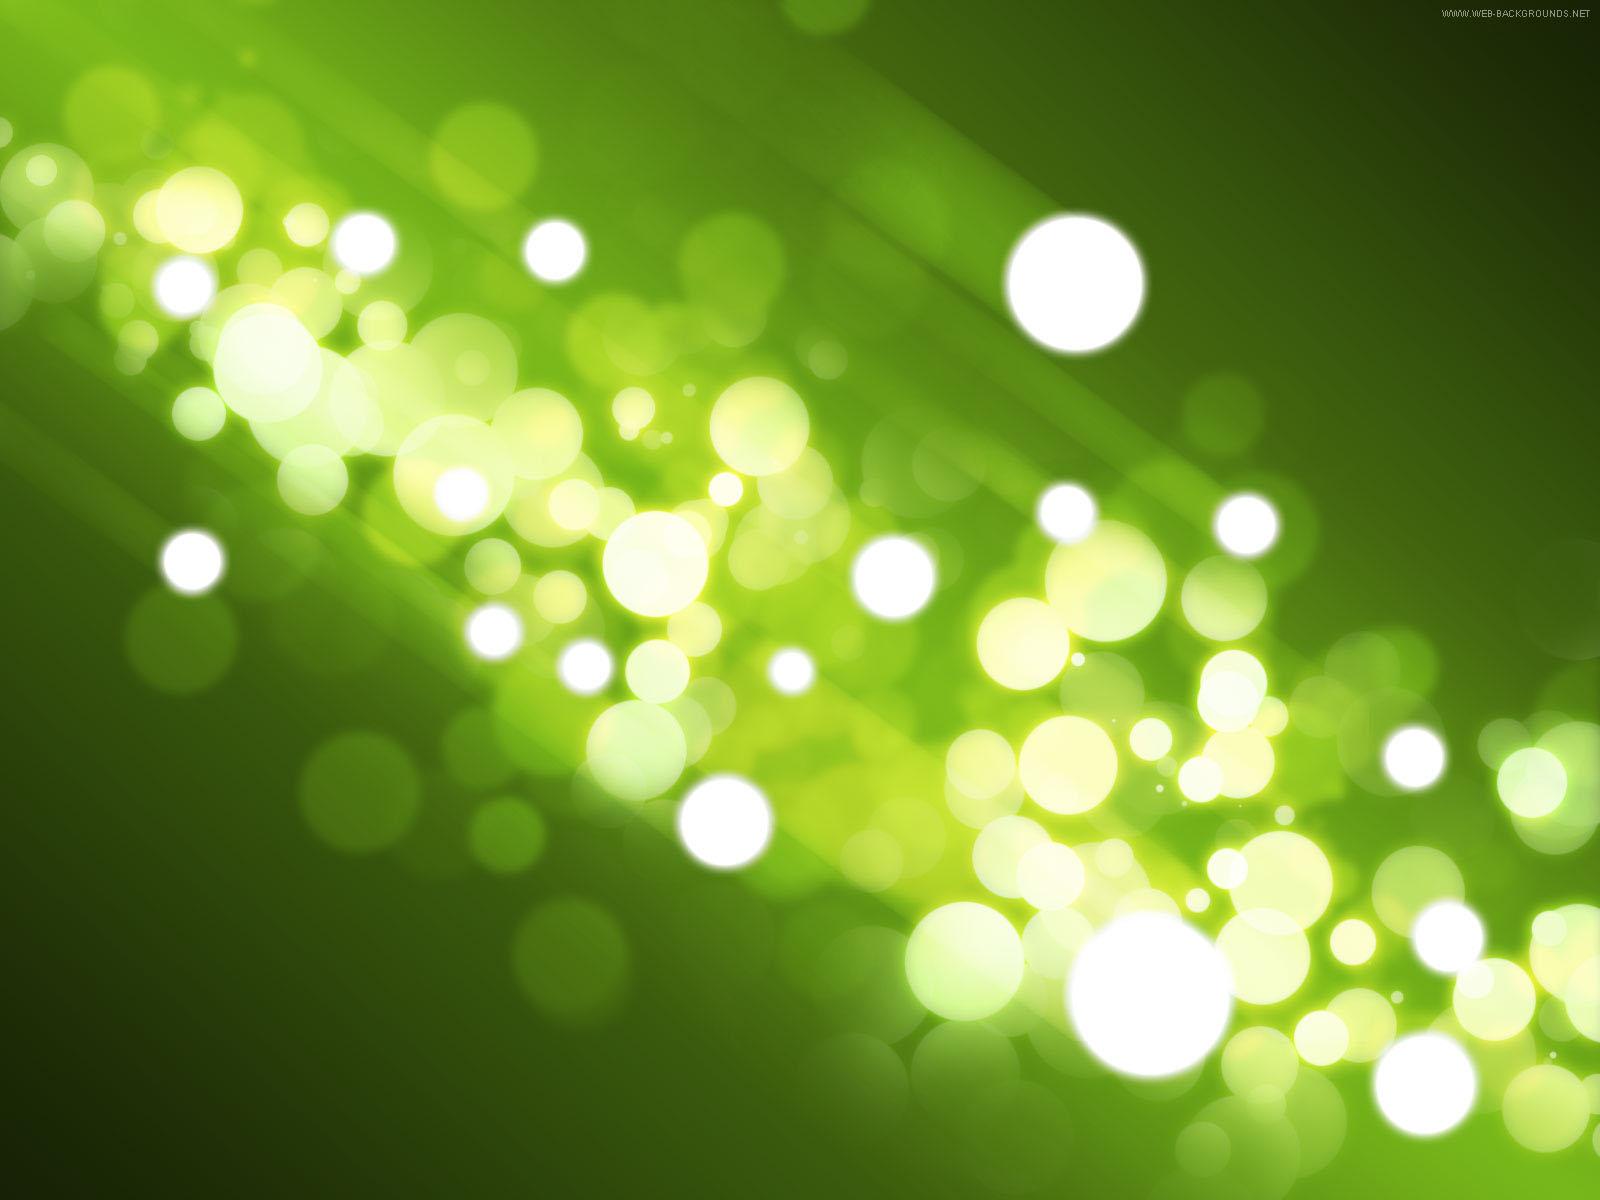 背景 壁纸 绿色 绿叶 设计 矢量 矢量图 树叶 素材 植物 桌面 1600